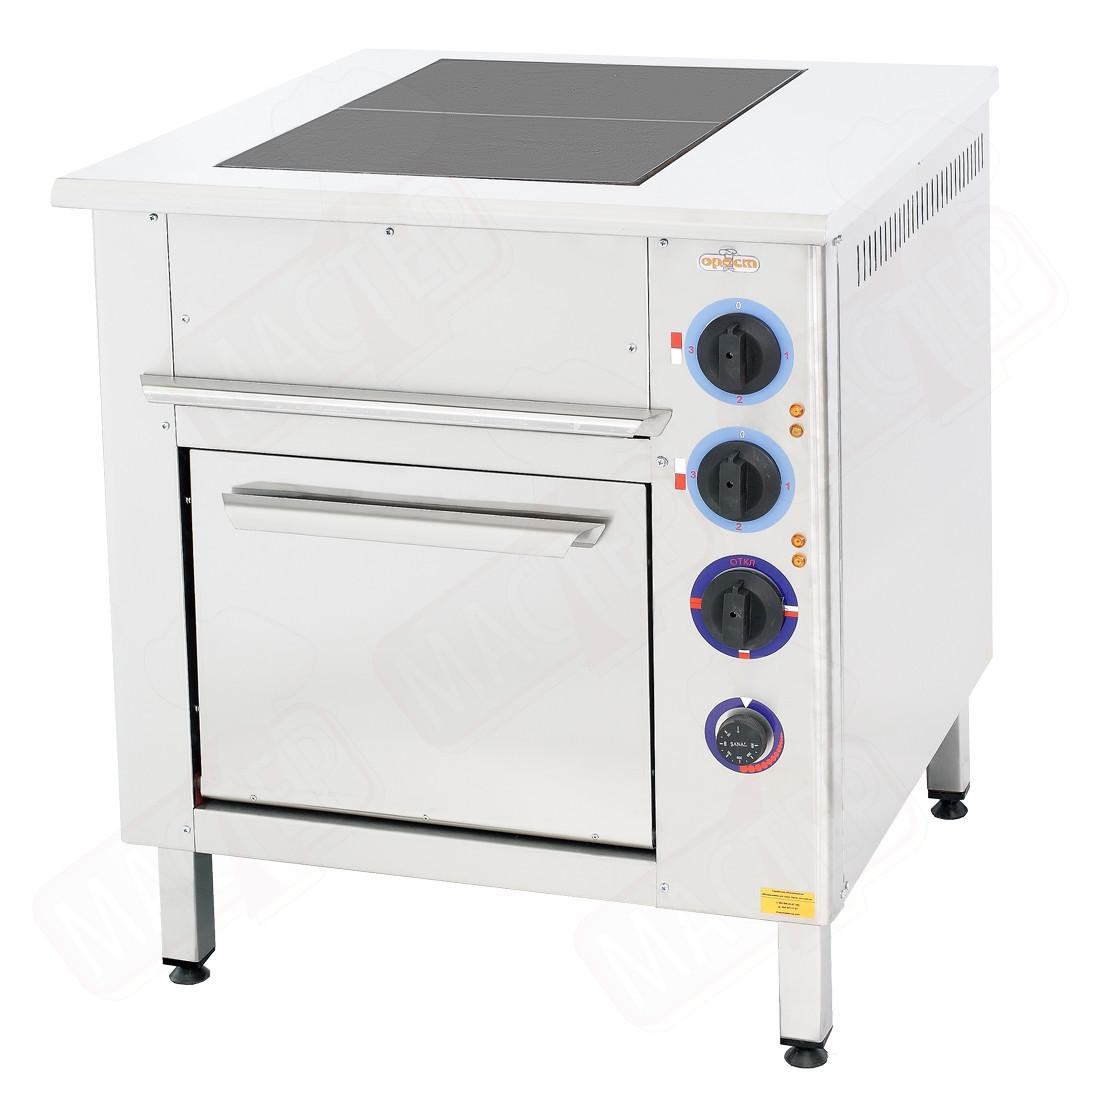 Профессиональная плита промышленная  Orest ПЭ-2-Ш (под GN 1/1)